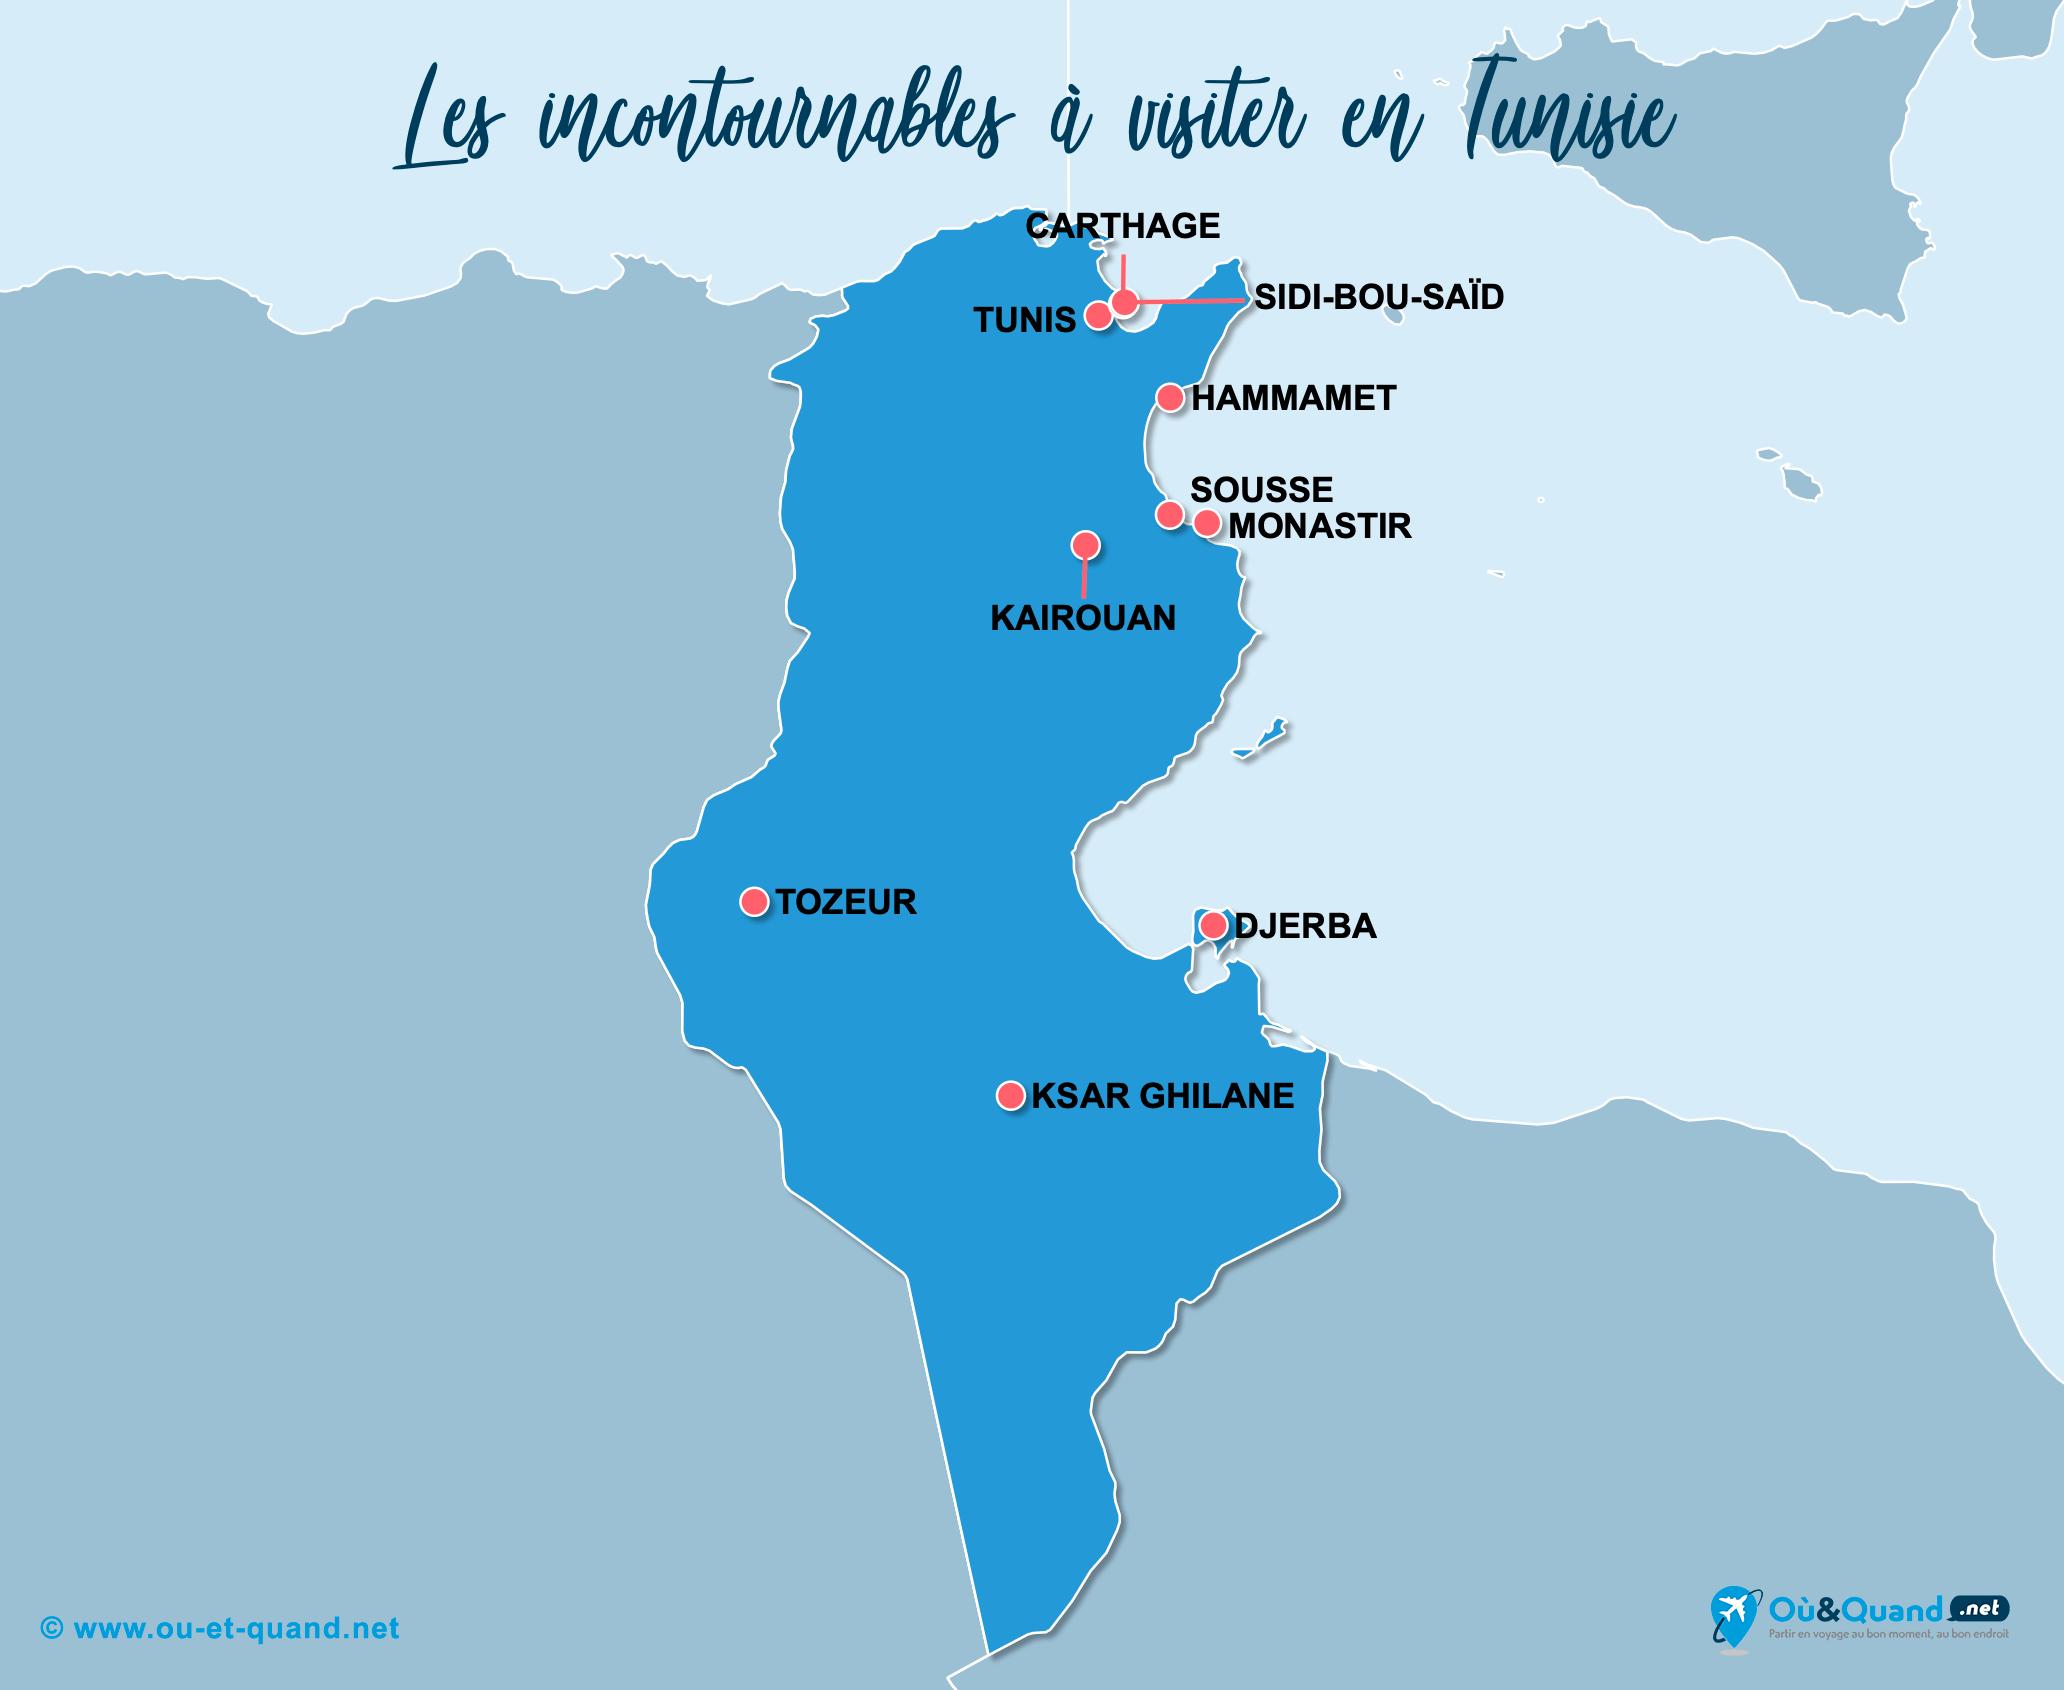 Carte Tunisie : Les lieux incontournables en Tunisie